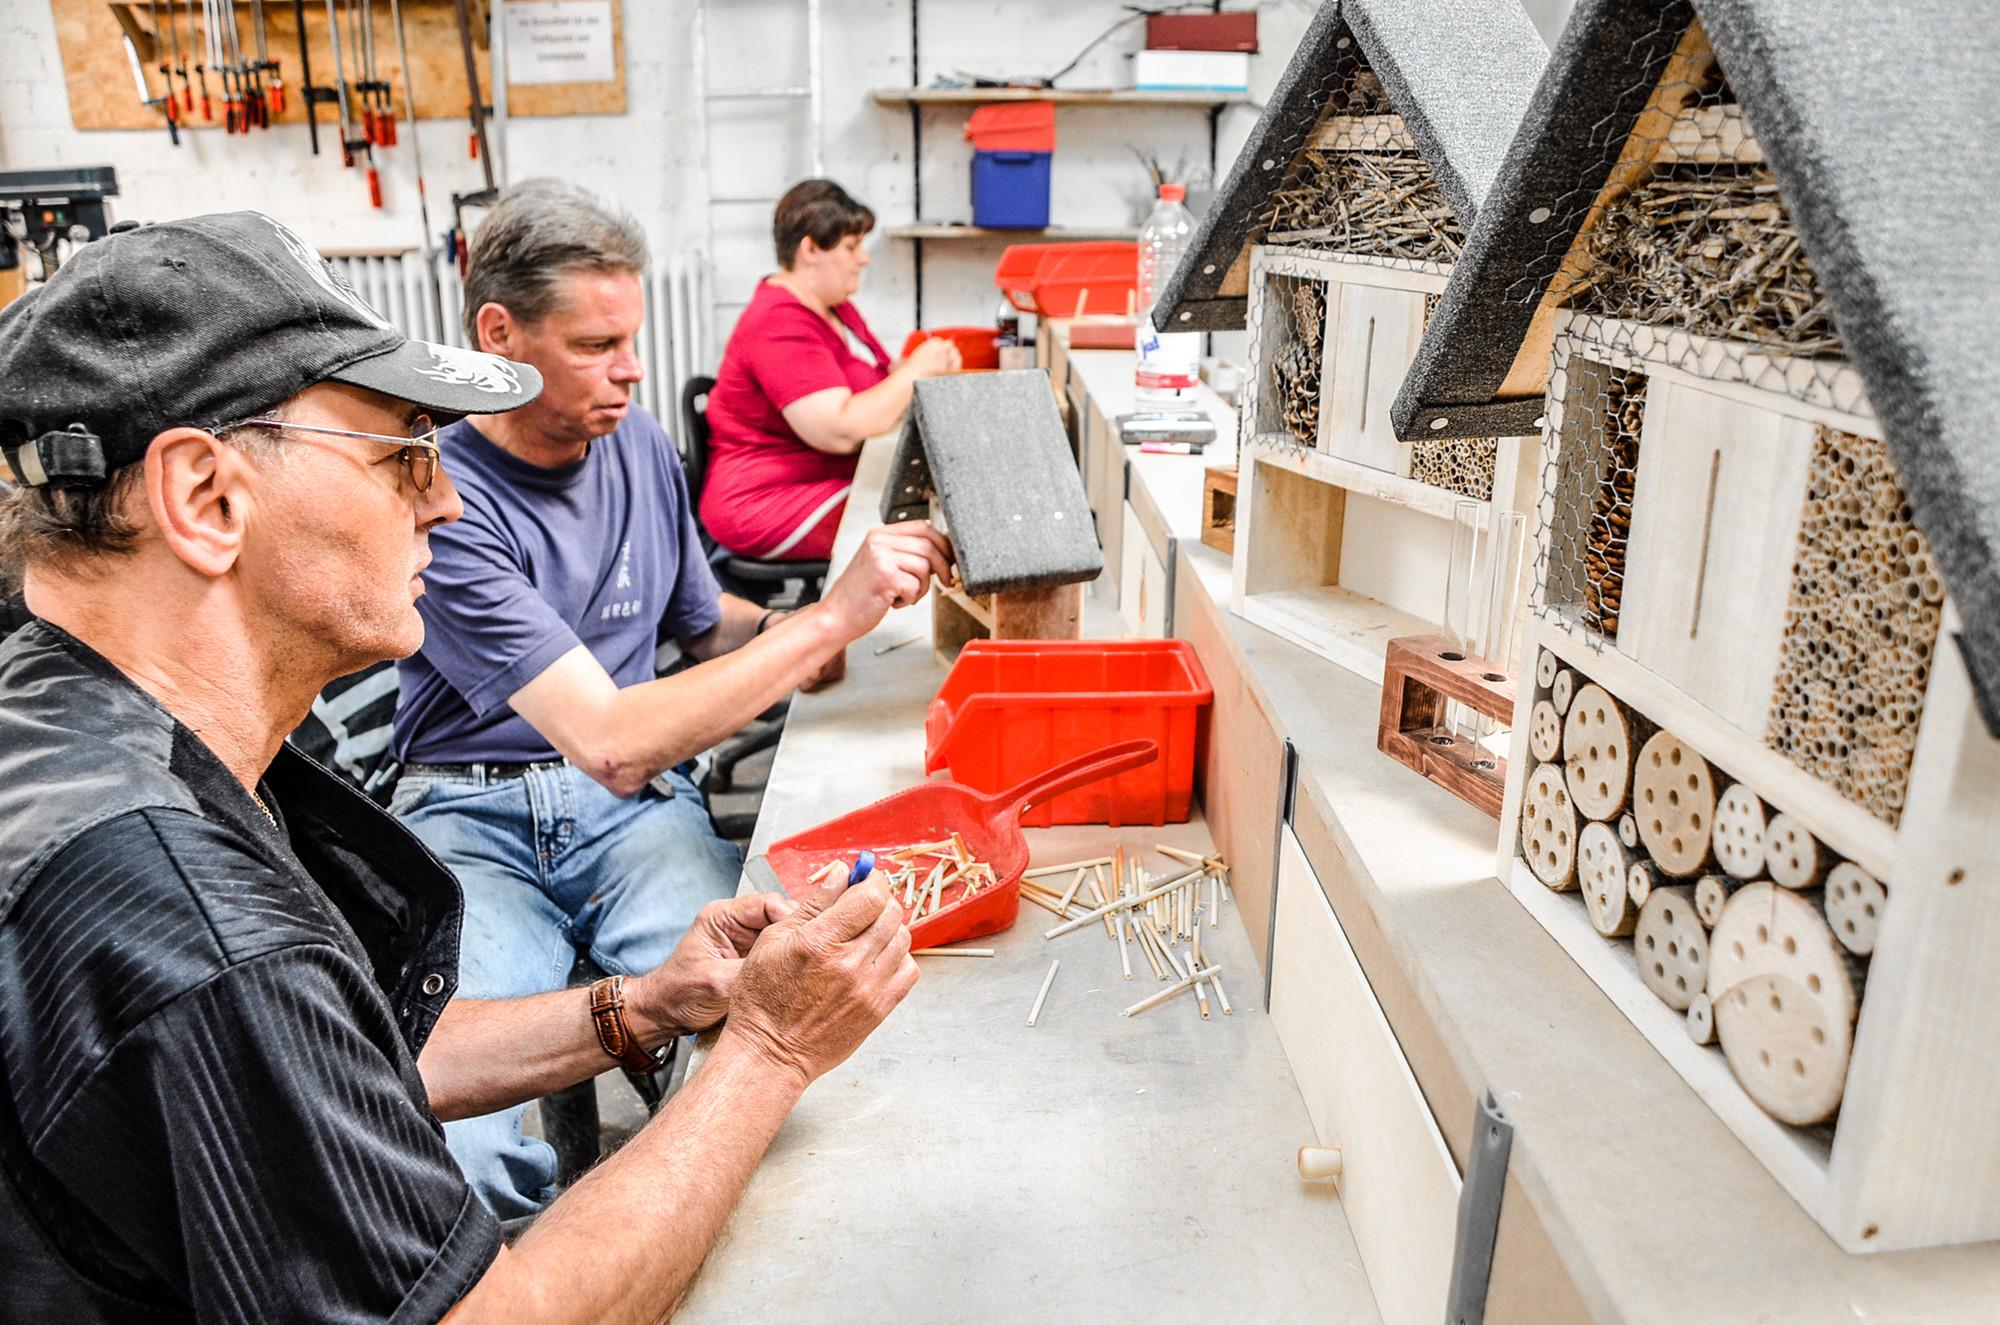 Menschen bauen Vogelhäuser in einer Werkstatt